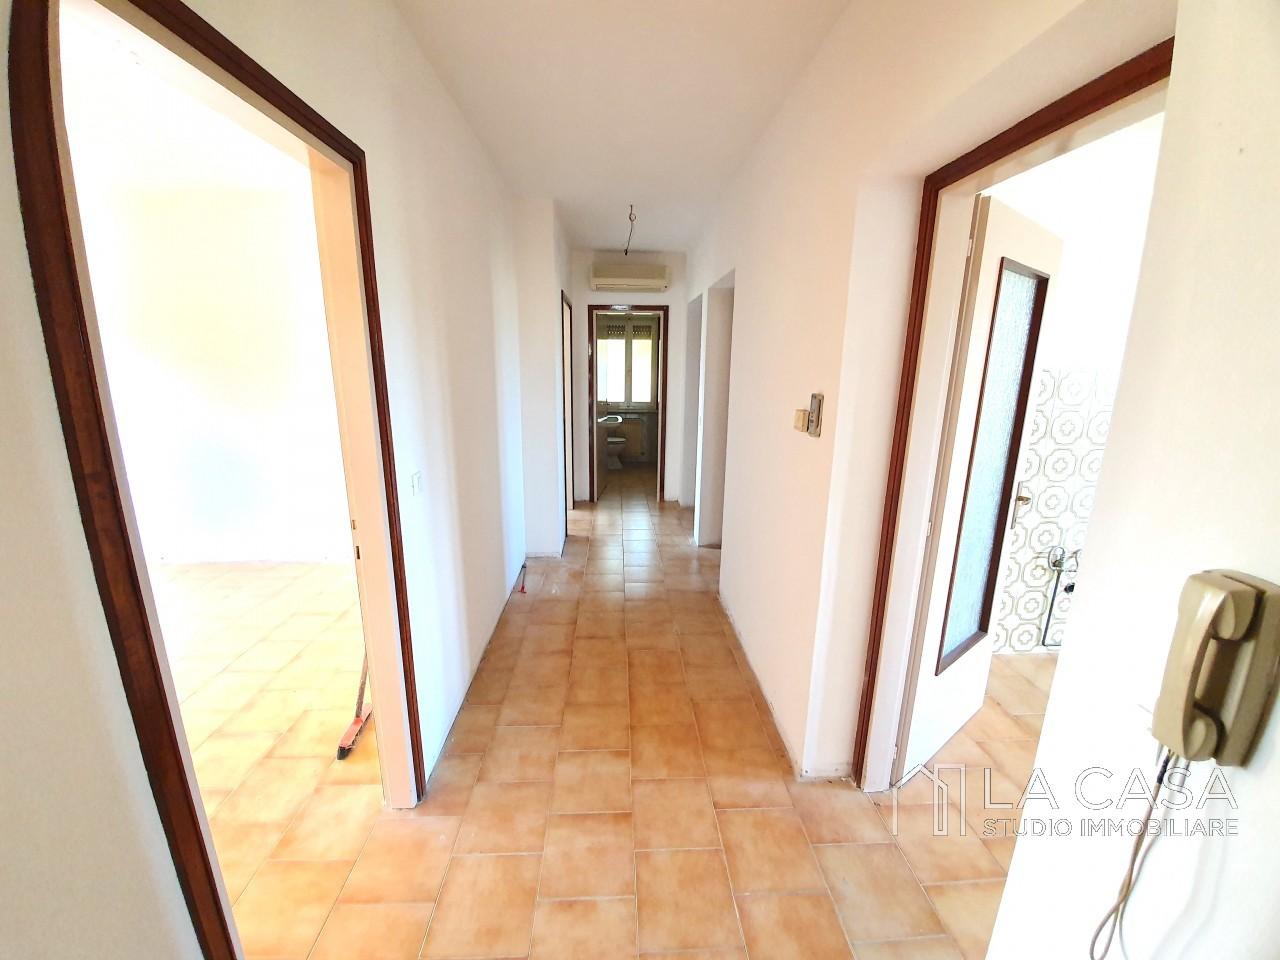 Appartamento Bicamere in Vendita a Casarsa della Delizia - Rif.A25 https://media.gestionaleimmobiliare.it/foto/annunci/191018/2085019/1280x1280/005__20191017_164704_wmk_0.jpg